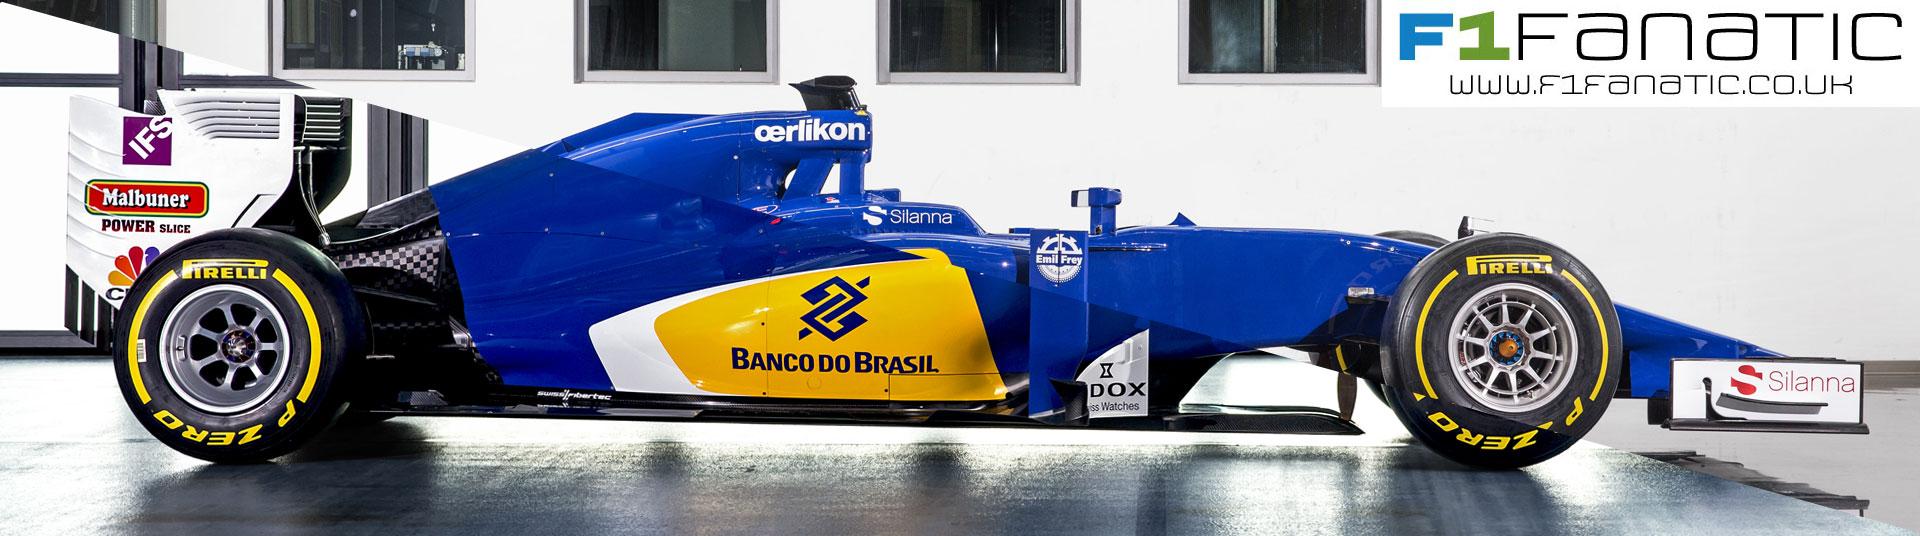 Sauber 2016 and 2015 car comparison